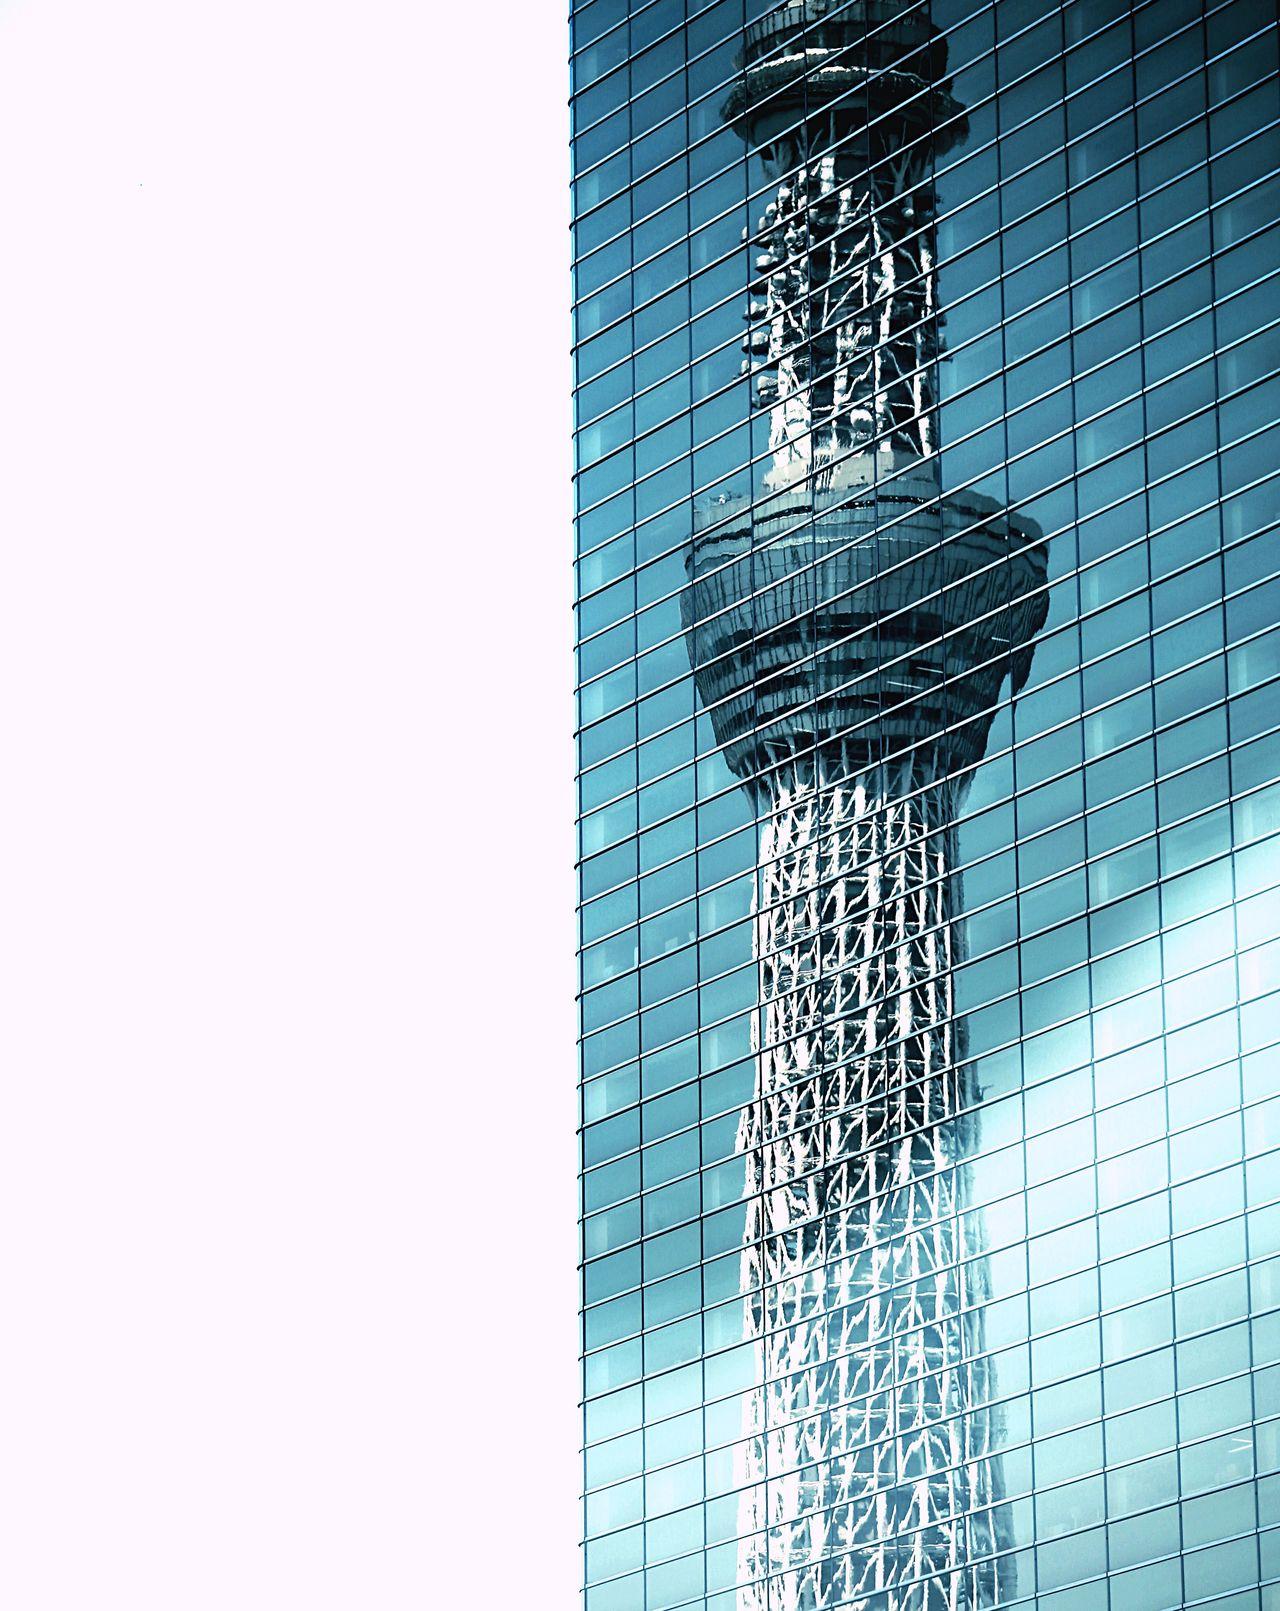 Tower in mirror. Taking PBuildingiHighrisegTokyo SkyyBlueyCityscapessCitysArchtectureeLandscapedBeautifuluLight And ShadowsReflectioneGlass Japan Tokyo Sky Treey TrAsakusasThe Architect - 2016 EyeEm AwardsAwards